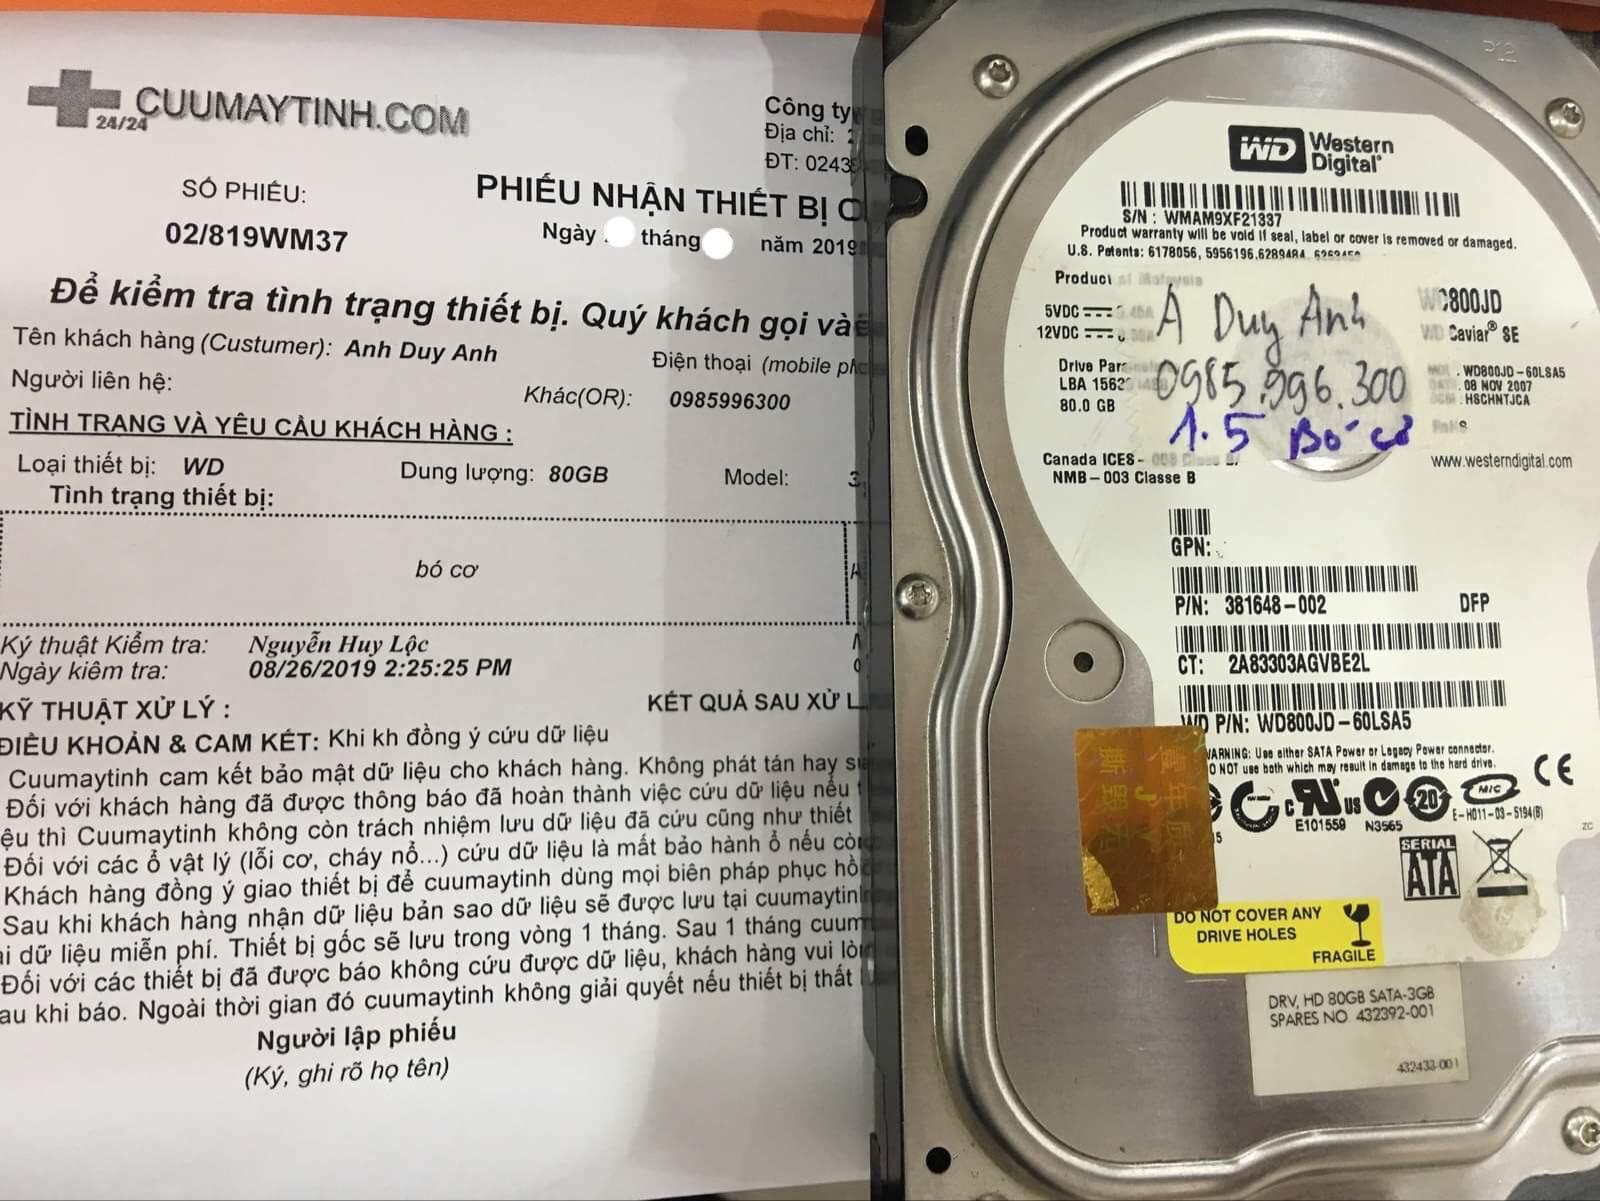 Phục hồi dữ liệu ổ cứng Western 80GB bó cơ 04/09/2019 - cuumaytinh